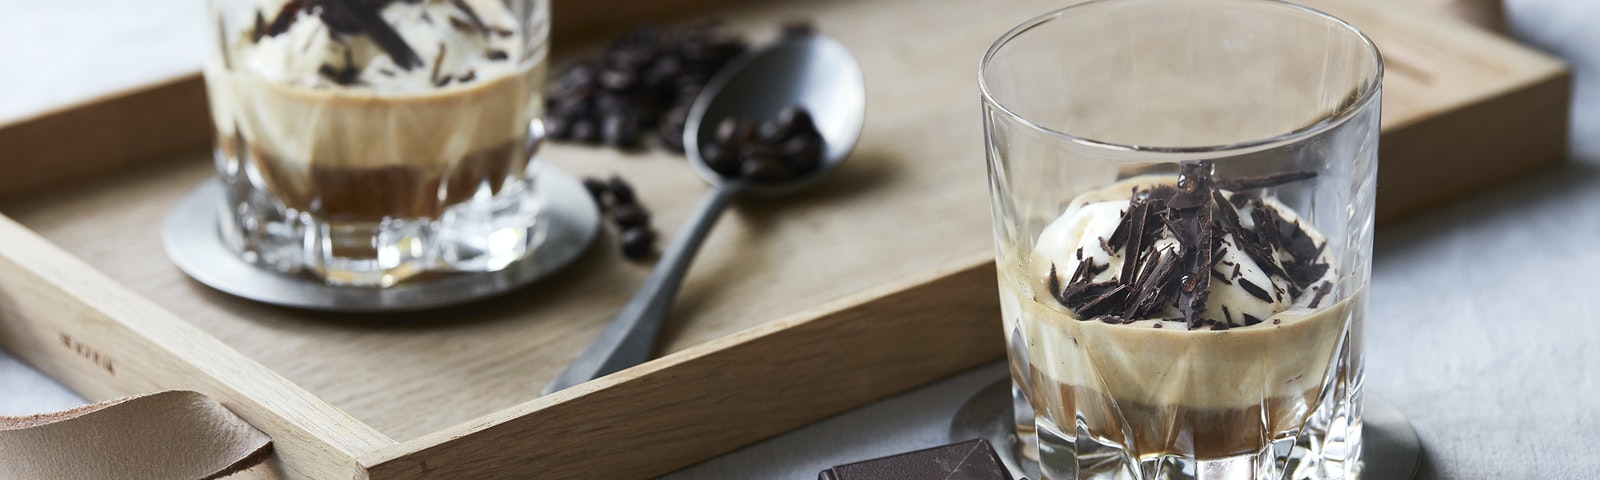 Iskaffe med chokolade